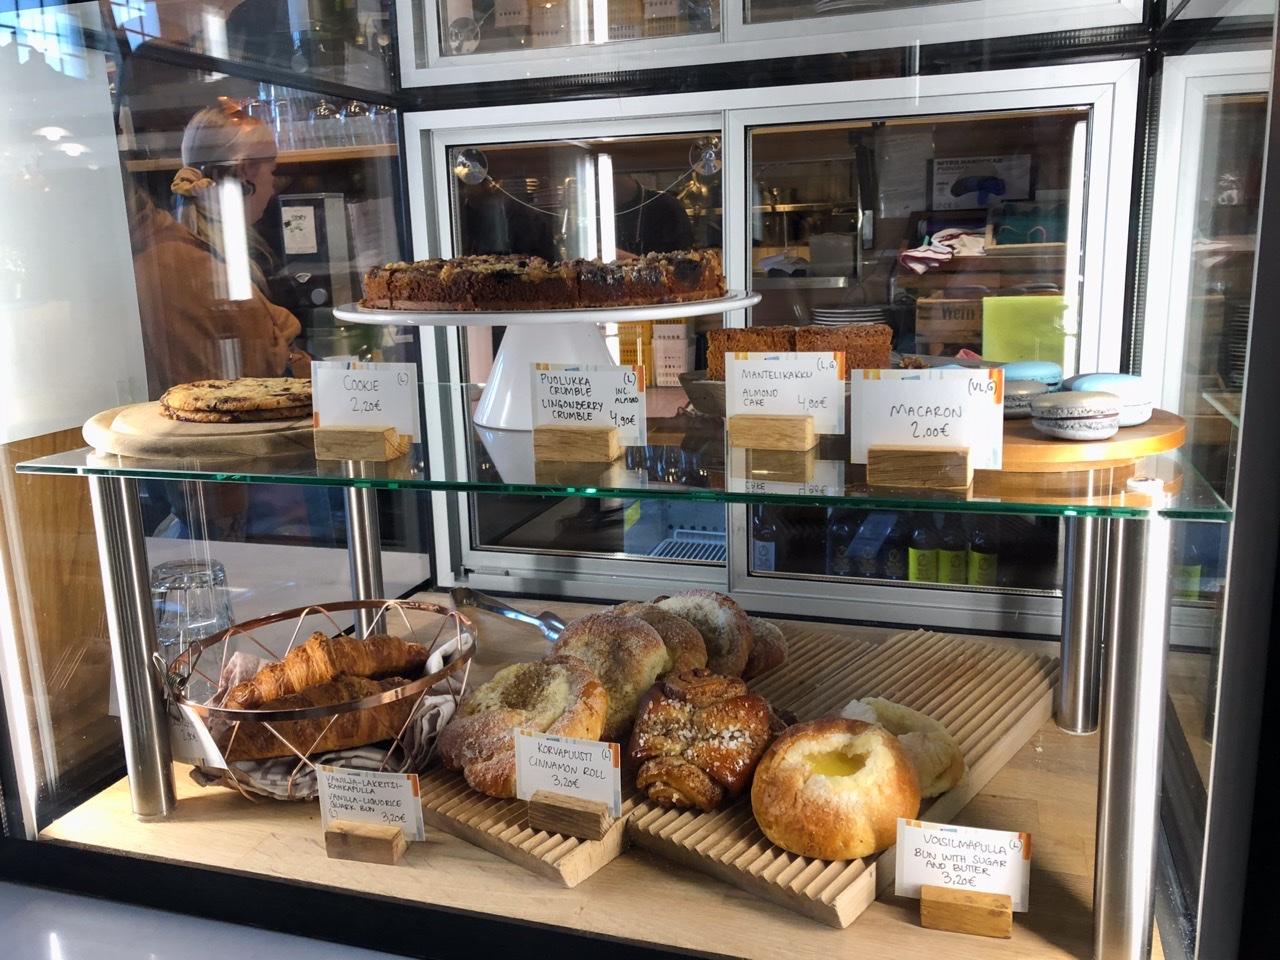 ヘルシンキの市場のパン屋さんの写真